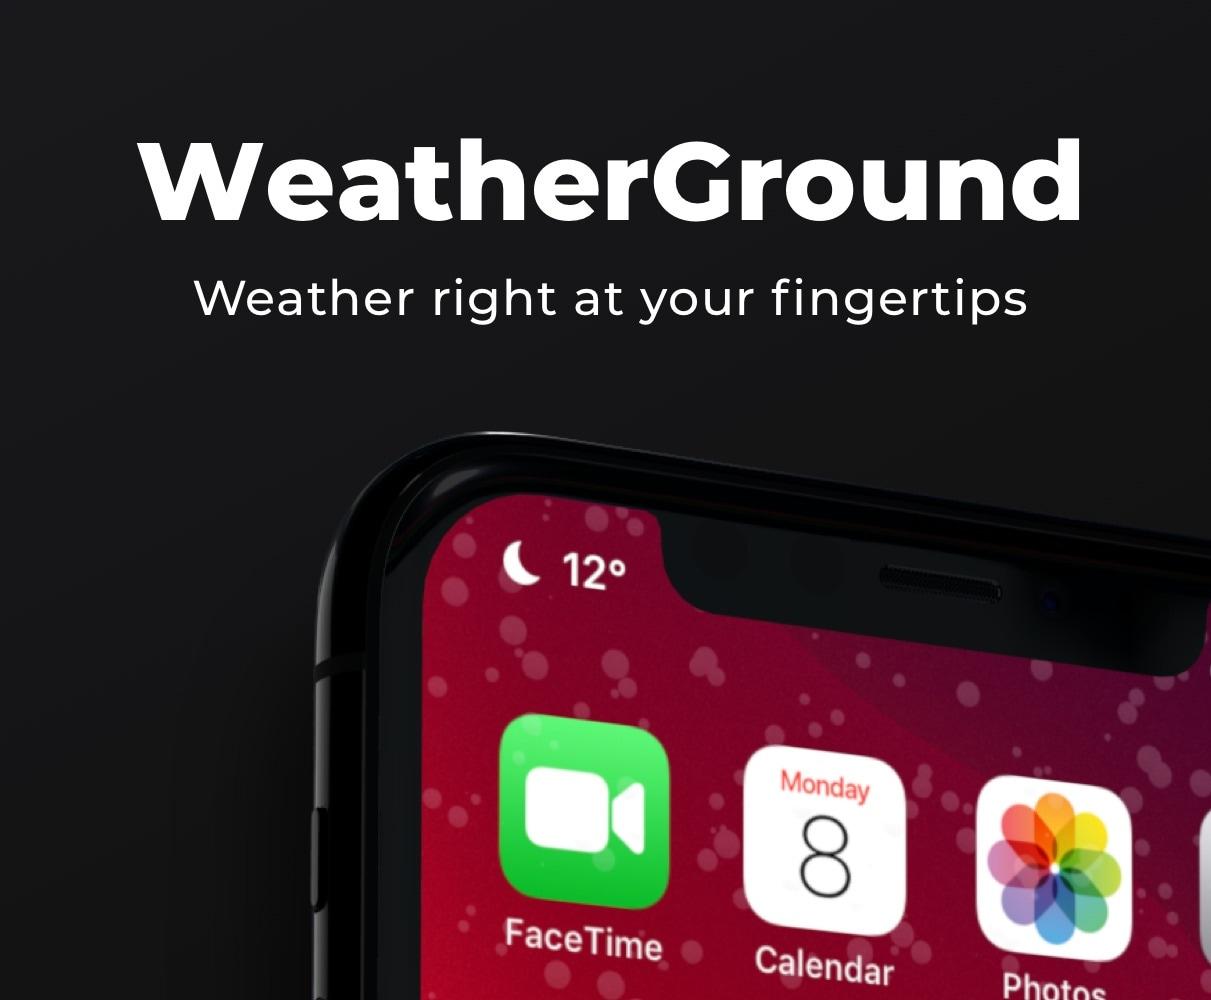 WeatherGround desbloquea nuevas funciones geniales centradas en el clima en iOS